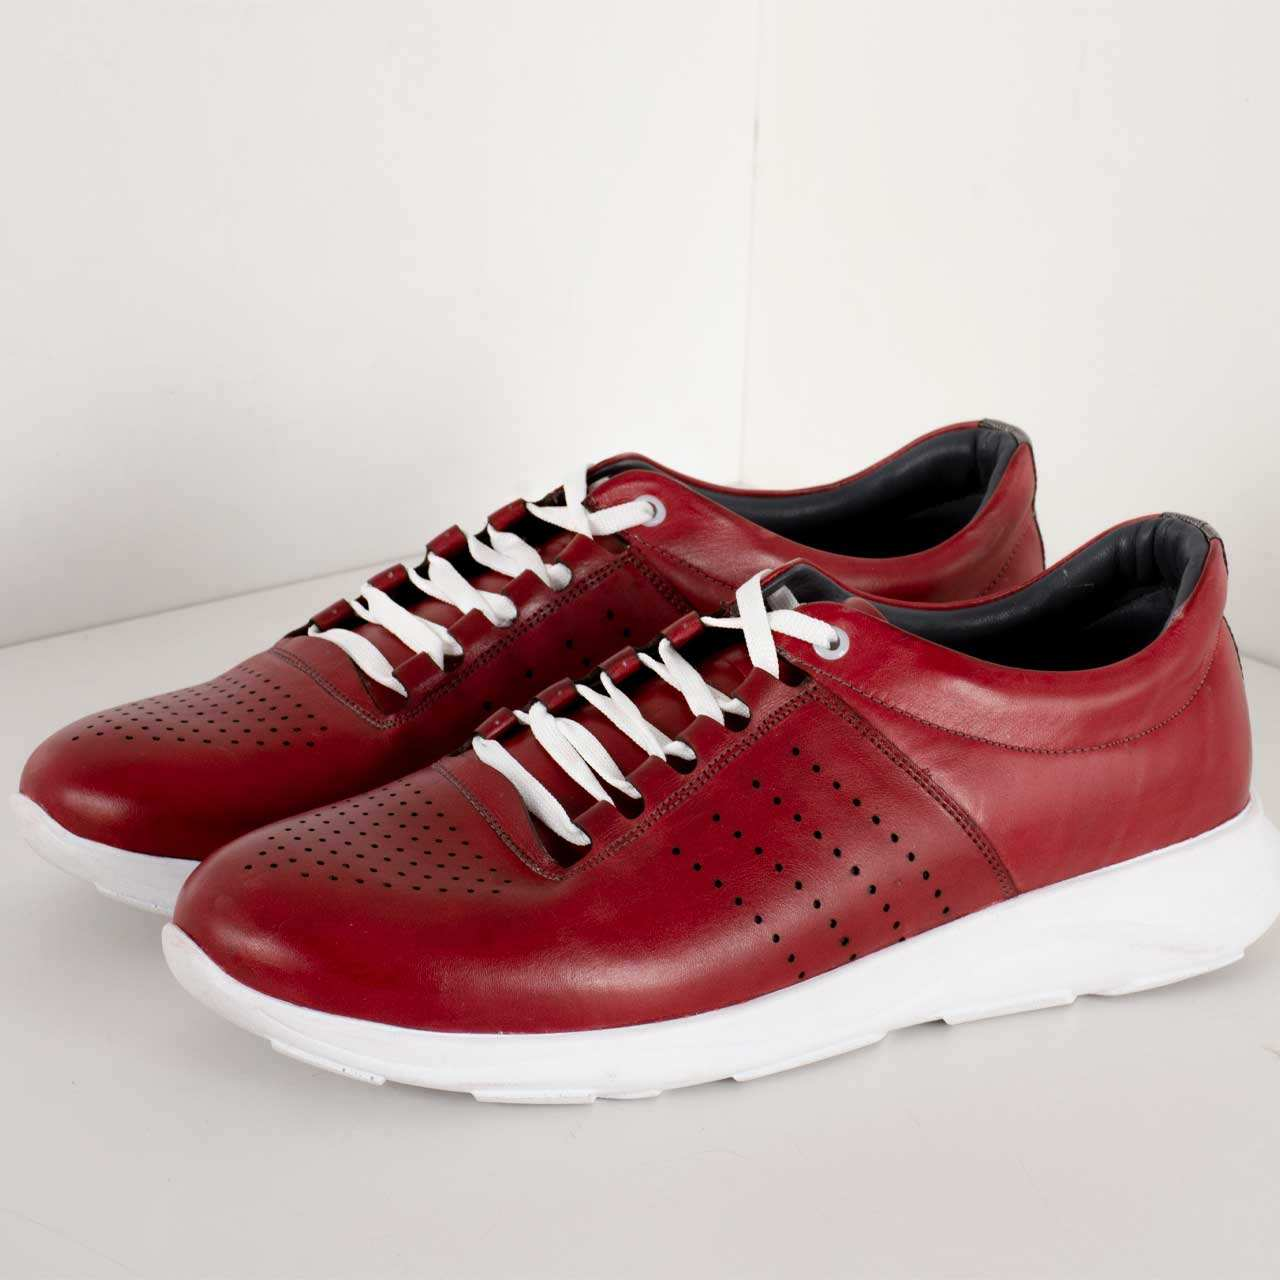 کفش روزمره مردانه پارینه چرم مدل SHO176-2 -  - 3